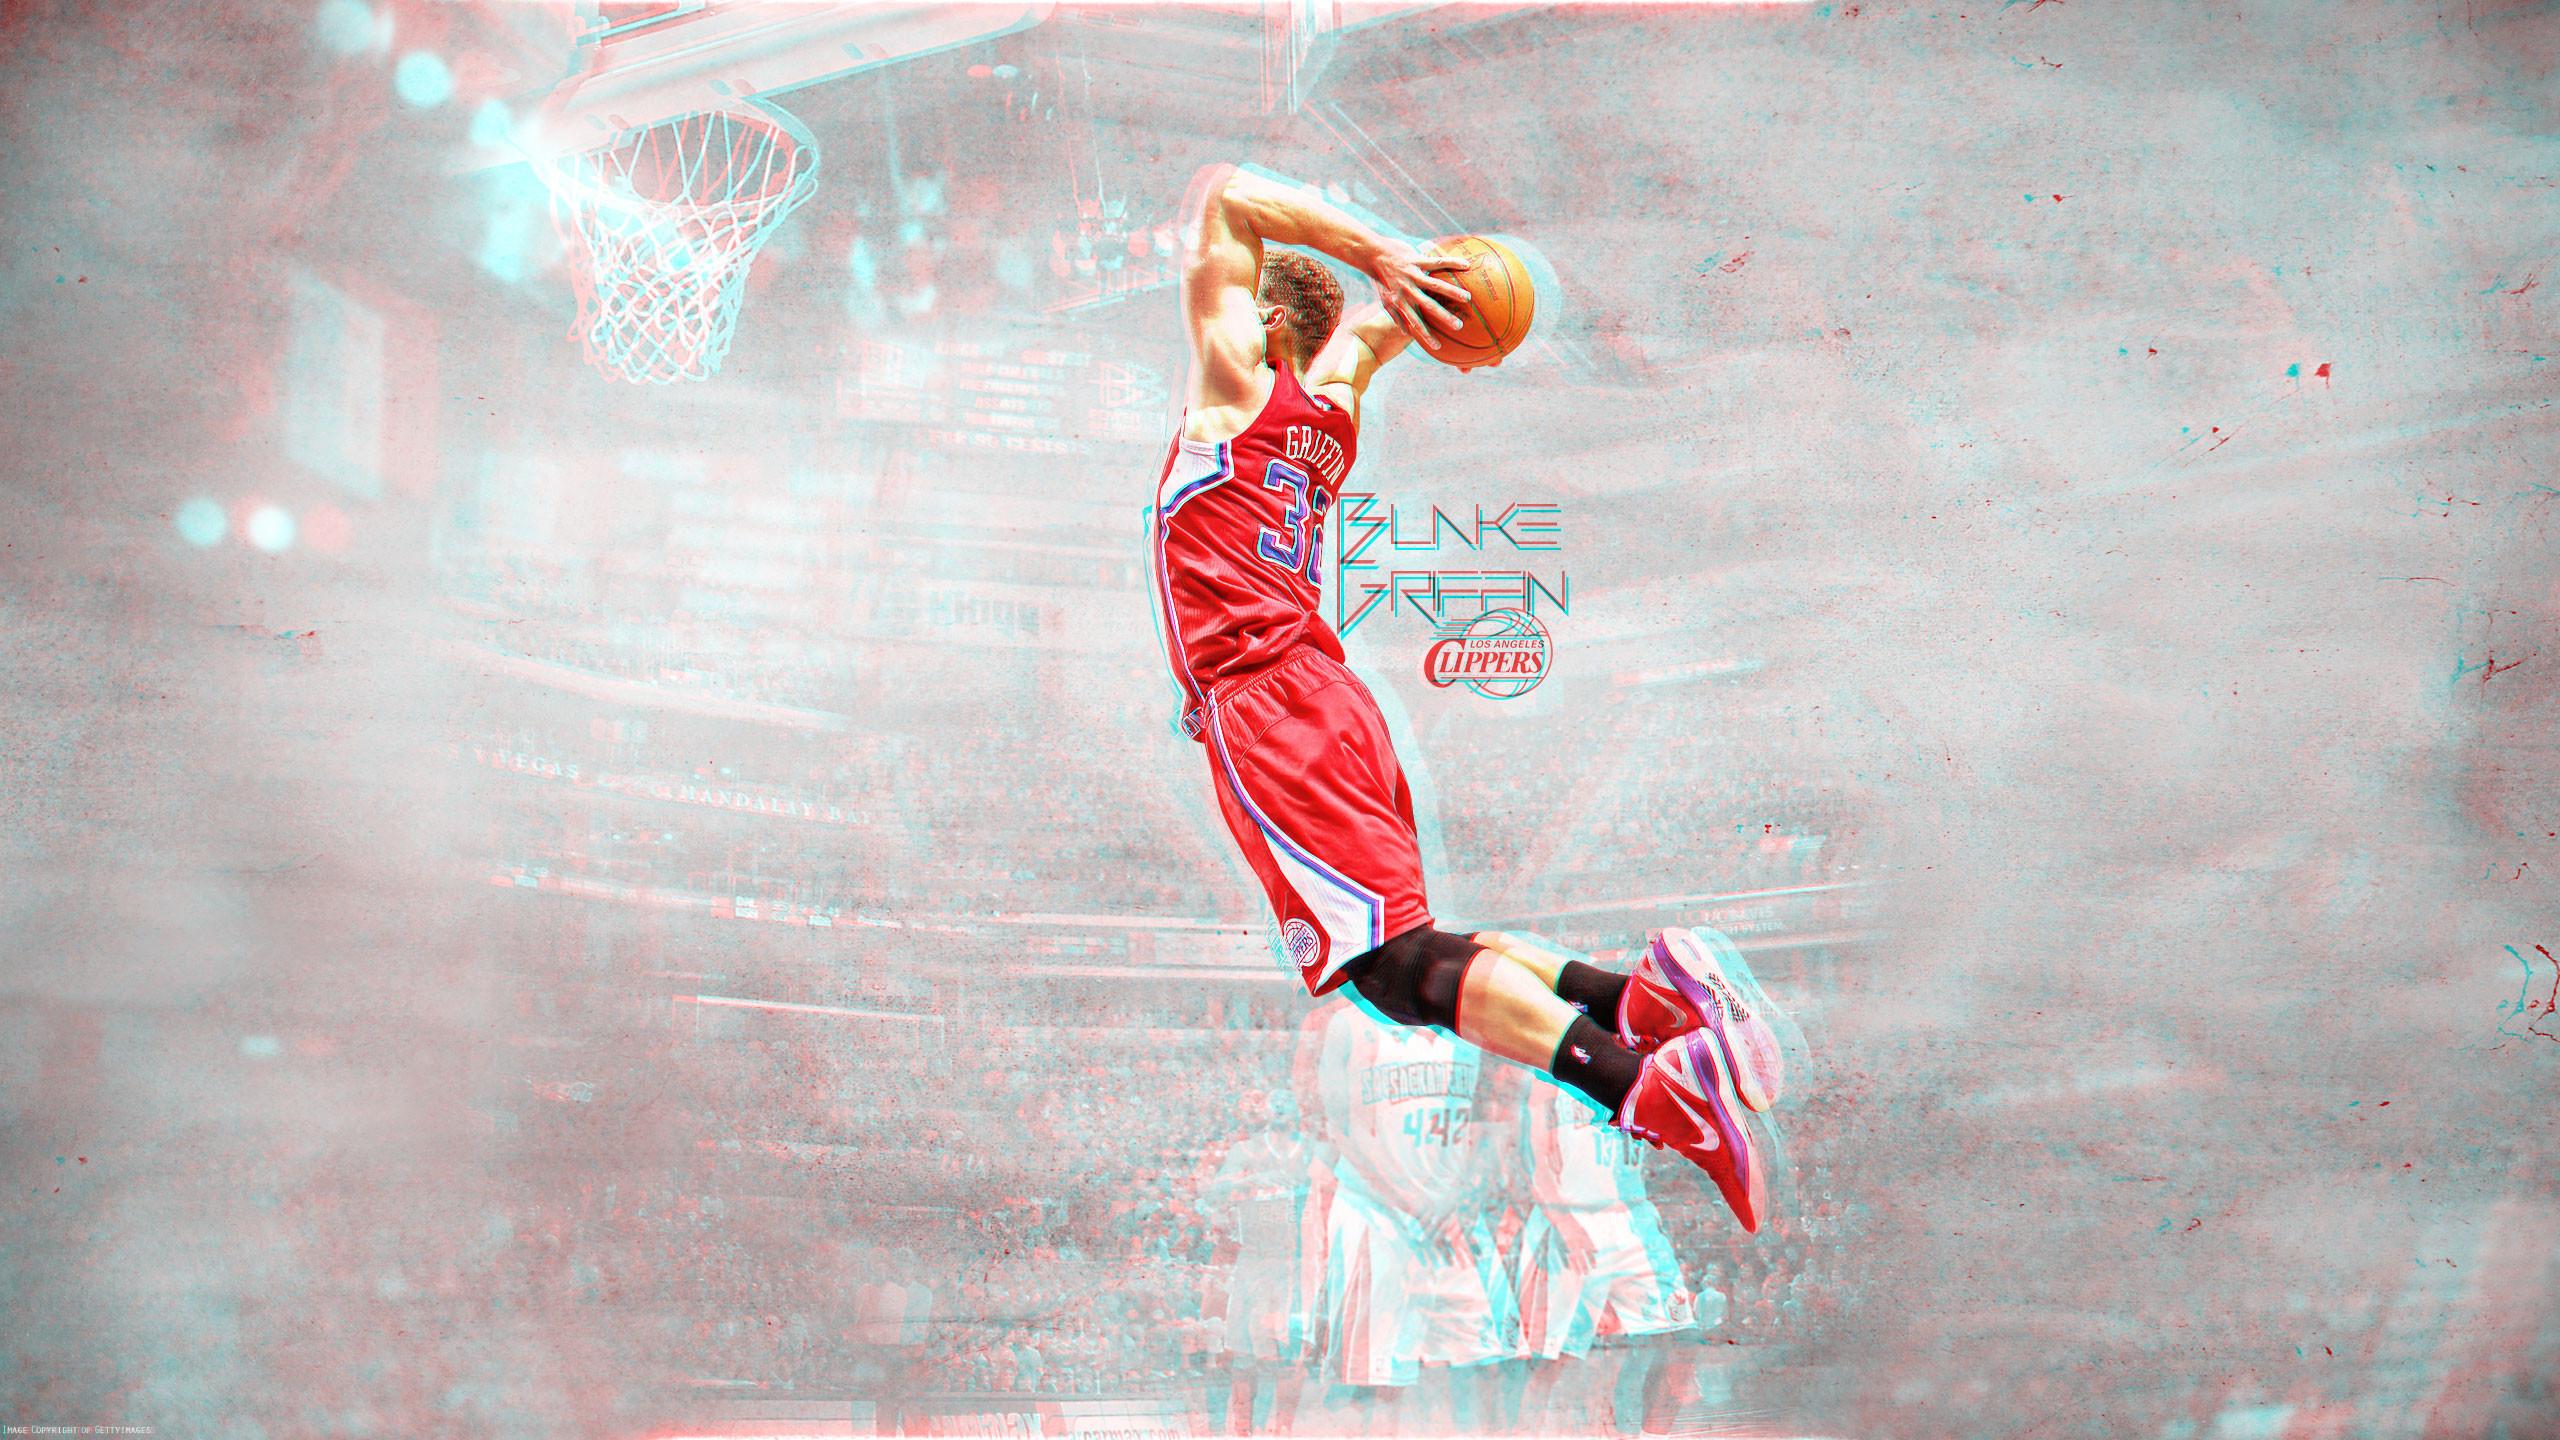 Blake Griffin Dunk 3D Wallpaper